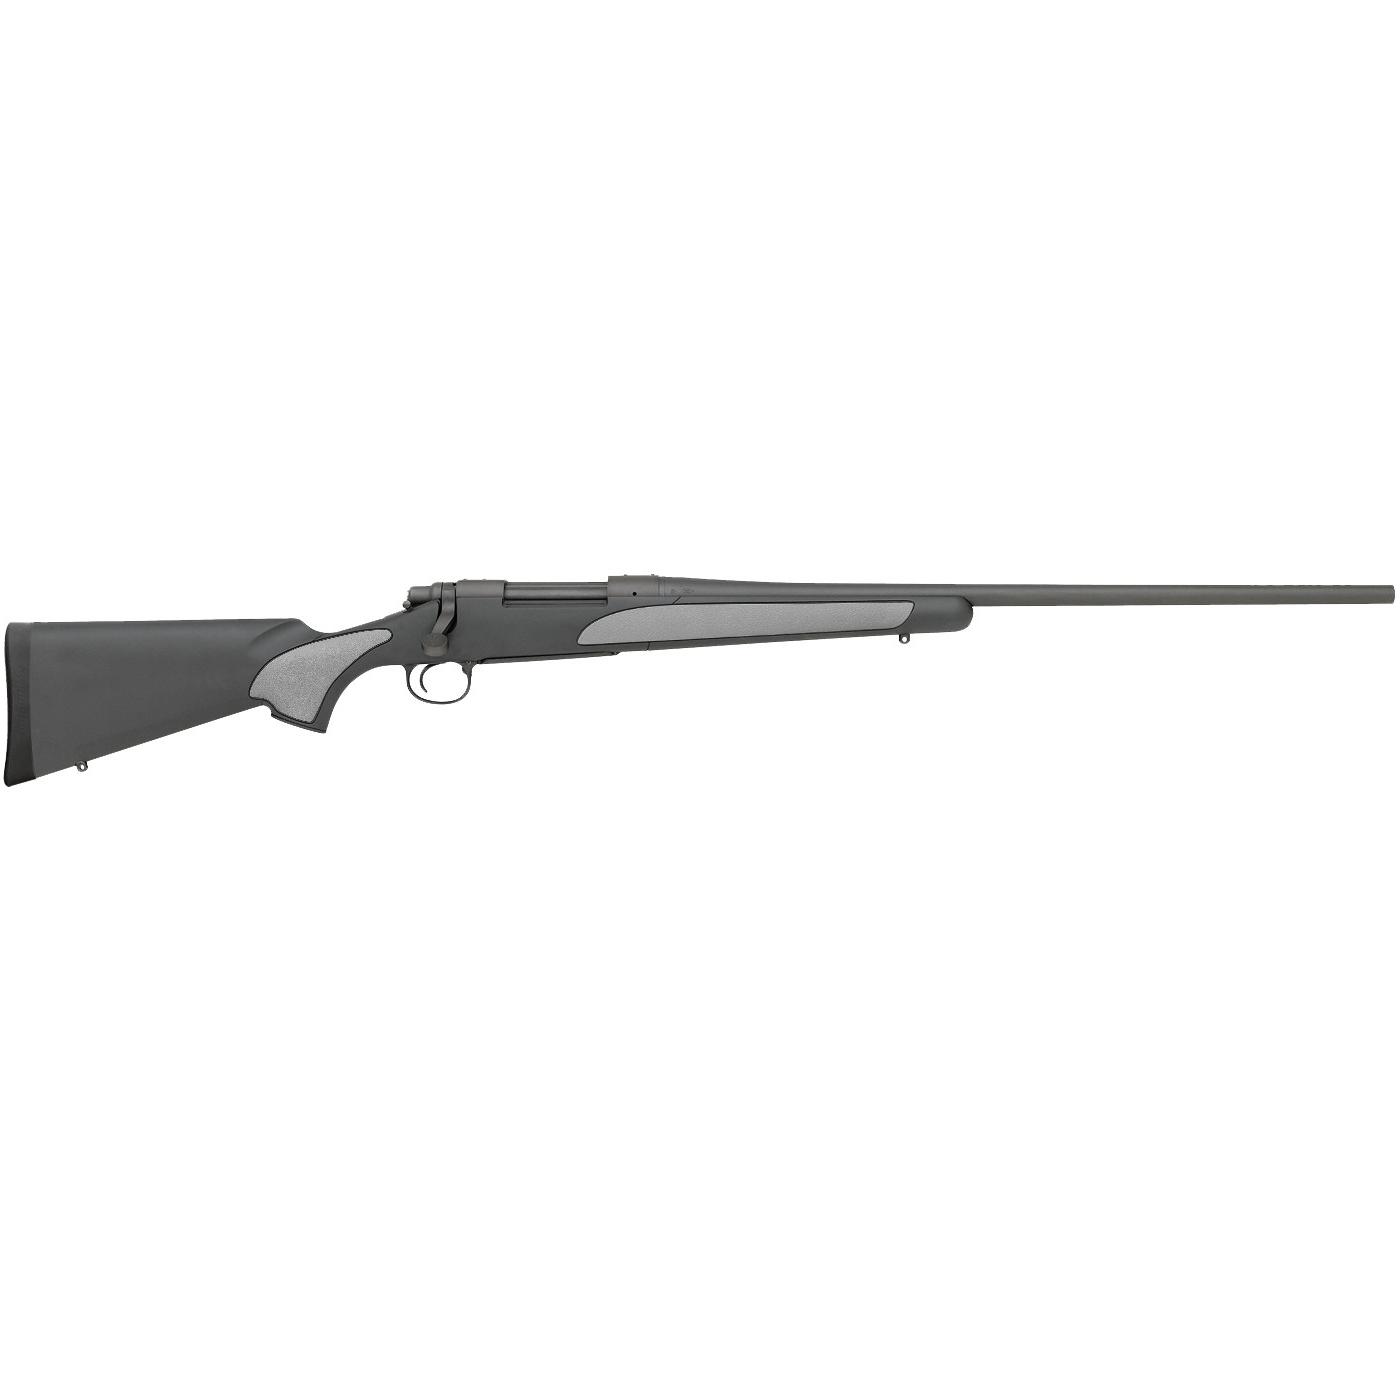 Remington 700 SPS Centerfire Rifle, .223 Rem.